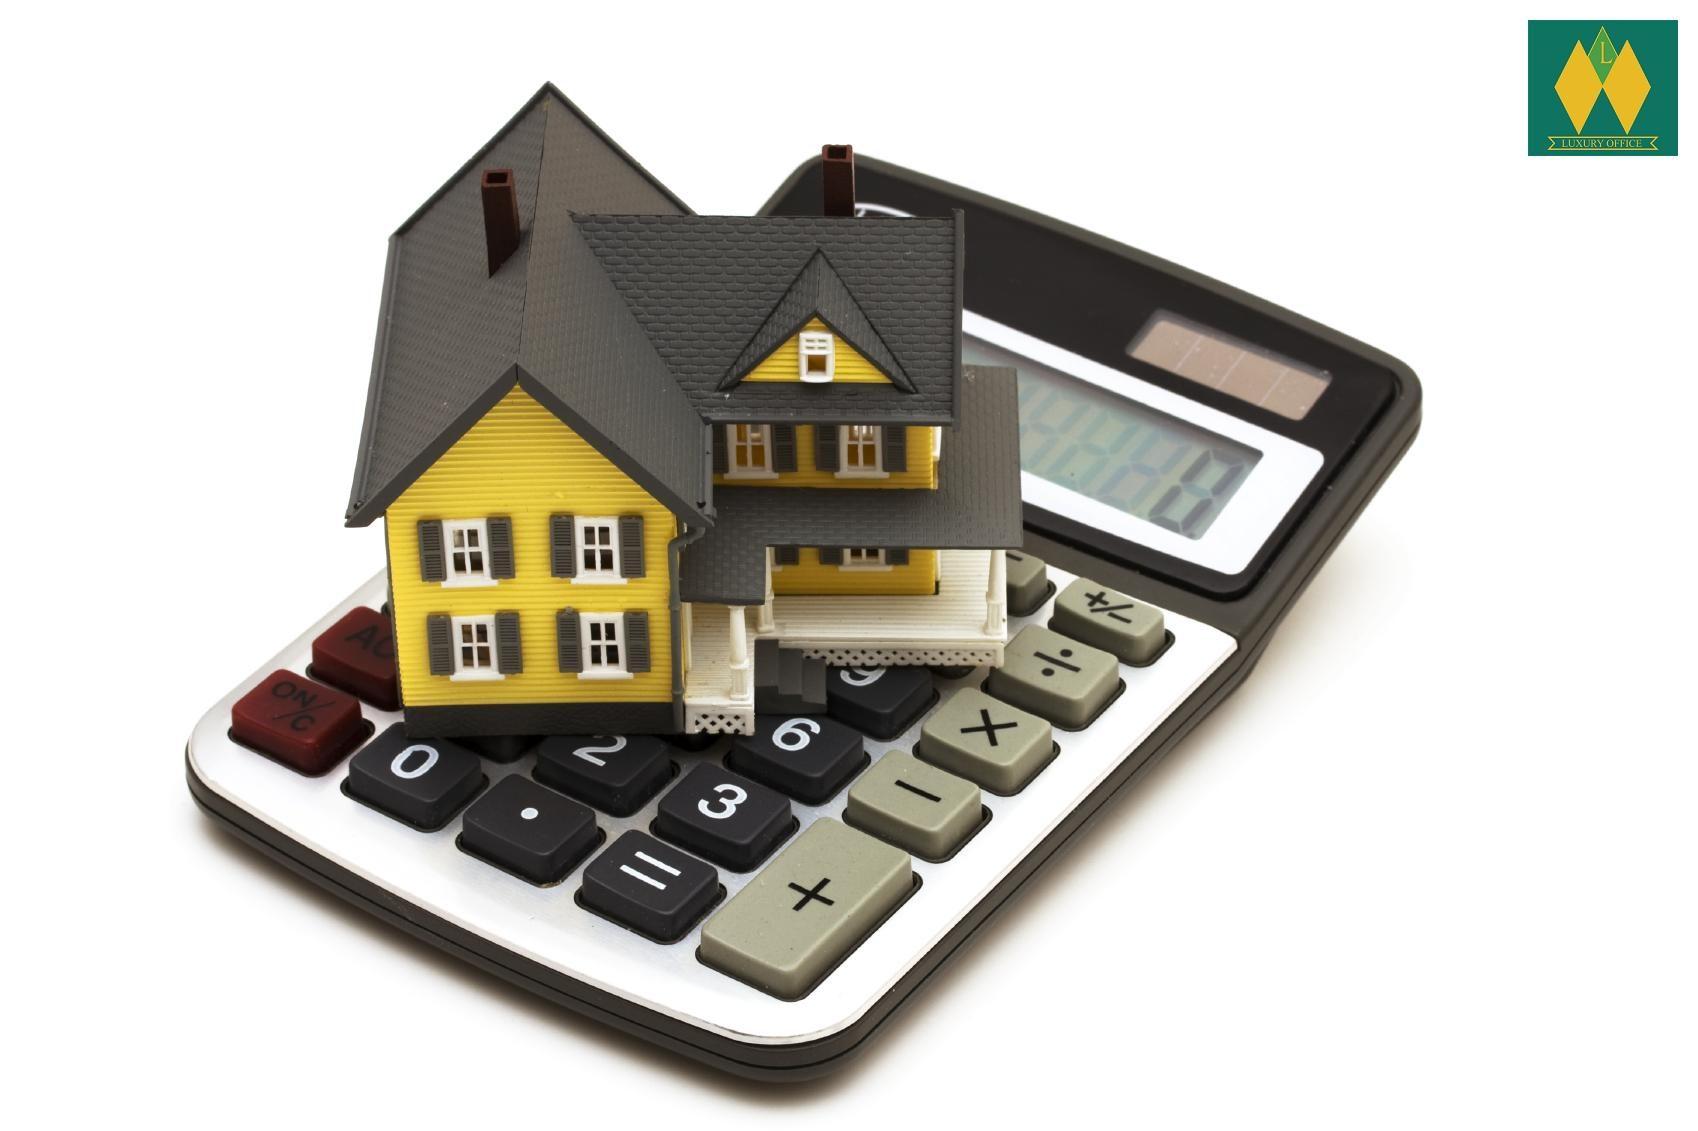 Năm 2018, dư nợ tín dụng bất động sản chiếm 16,6% tổng tín dụng